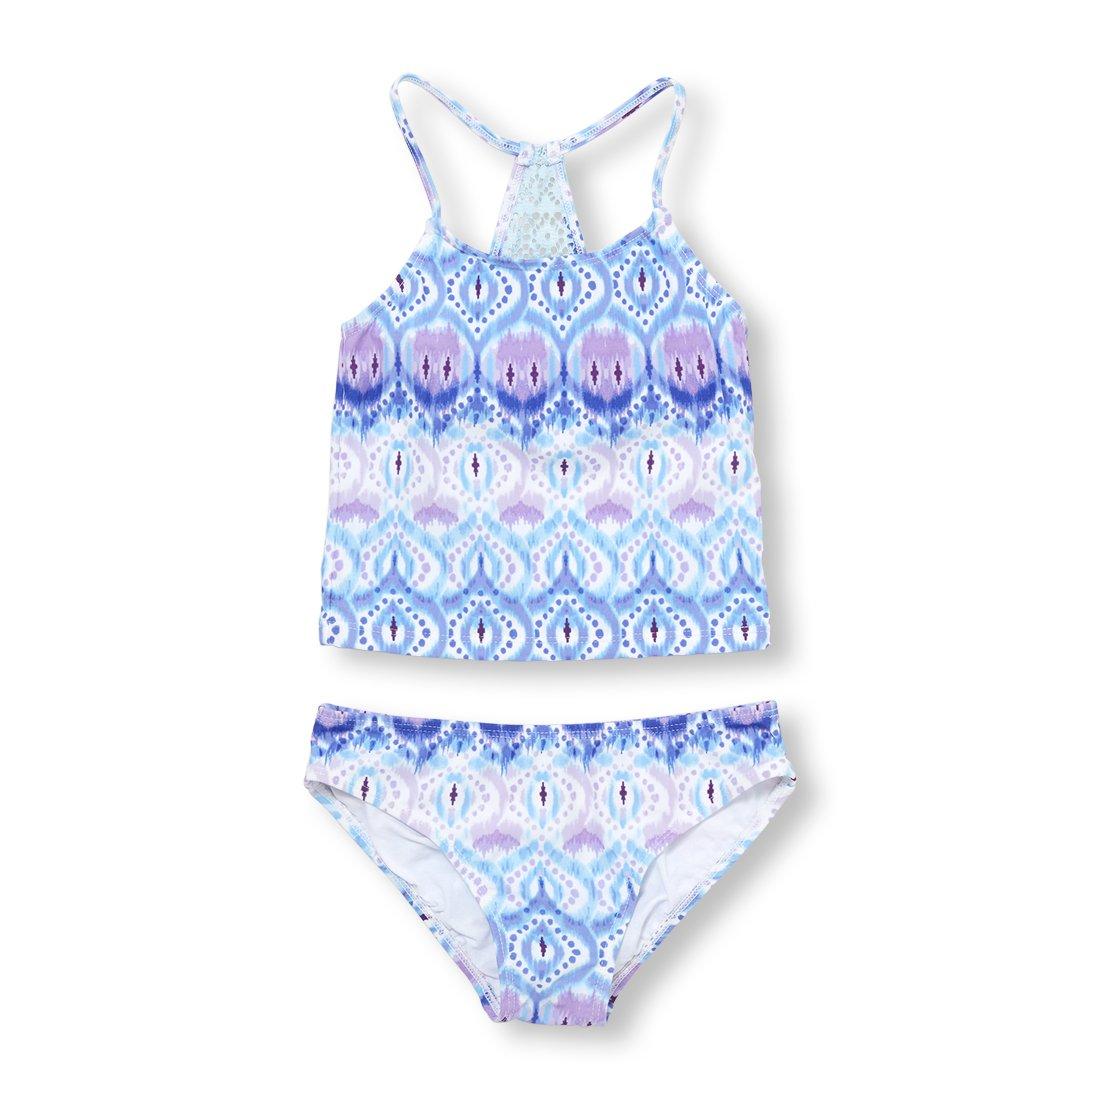 274cf41783193 The Children's Place Girls' Tankini Swim Suit The Children's Place